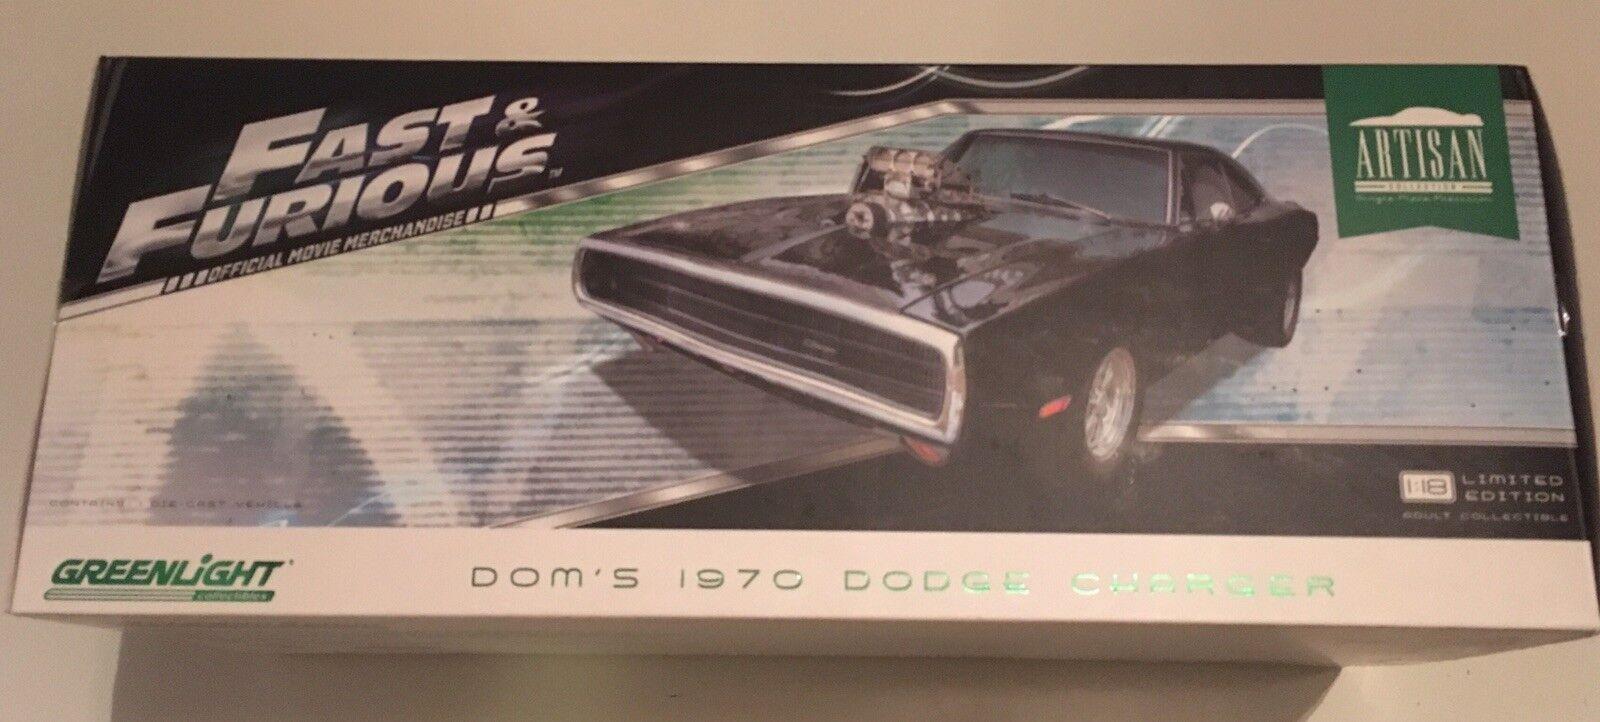 DOM's 1970 Cochegador Rápido & Furioso Película Artisan Collection by verdelight dañado